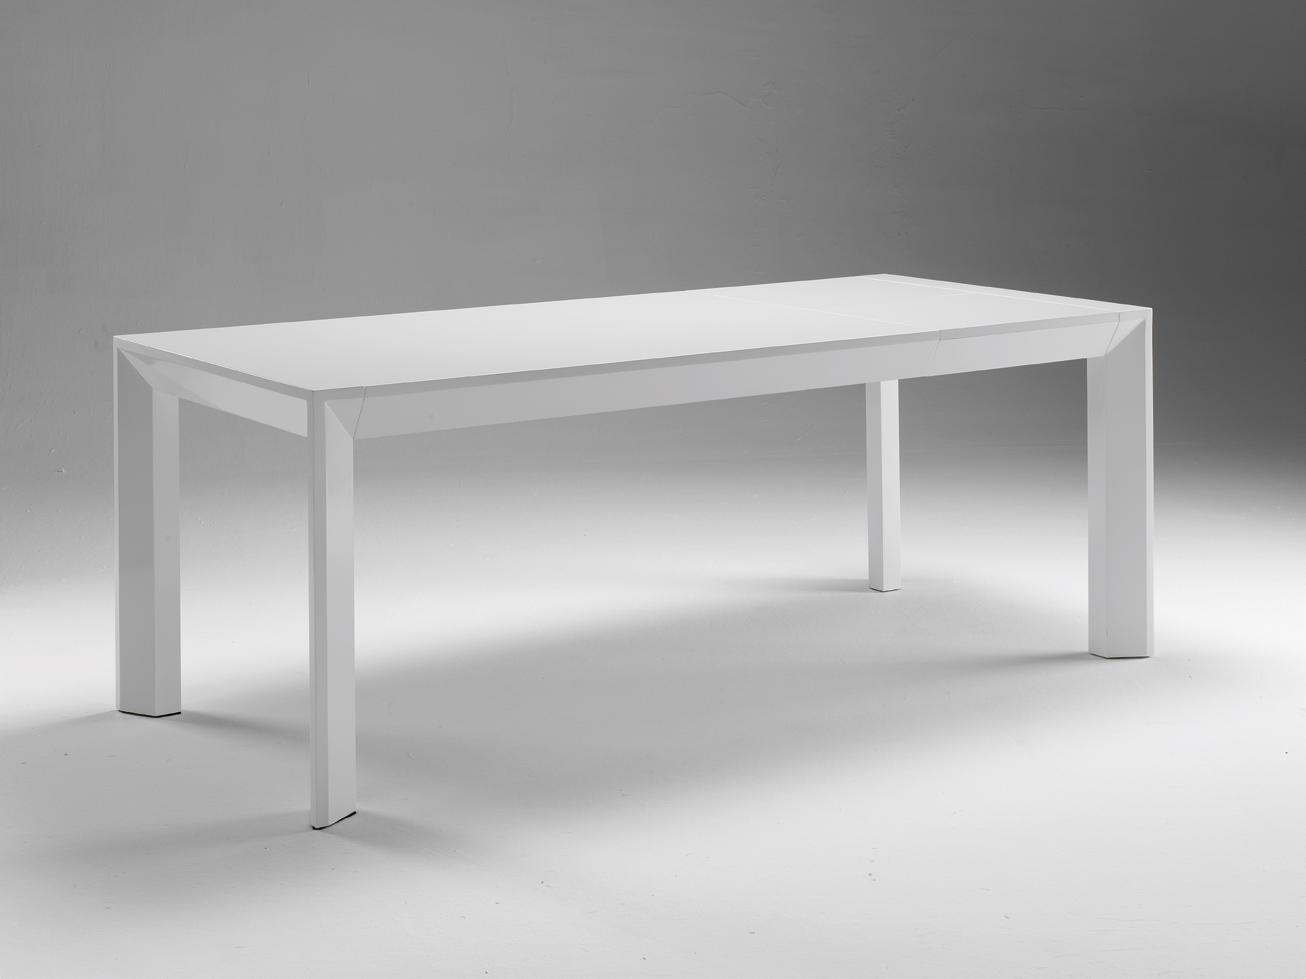 Mesa de comedor lacada blanca o negra mesas de comedor for Mesa comedor blanca